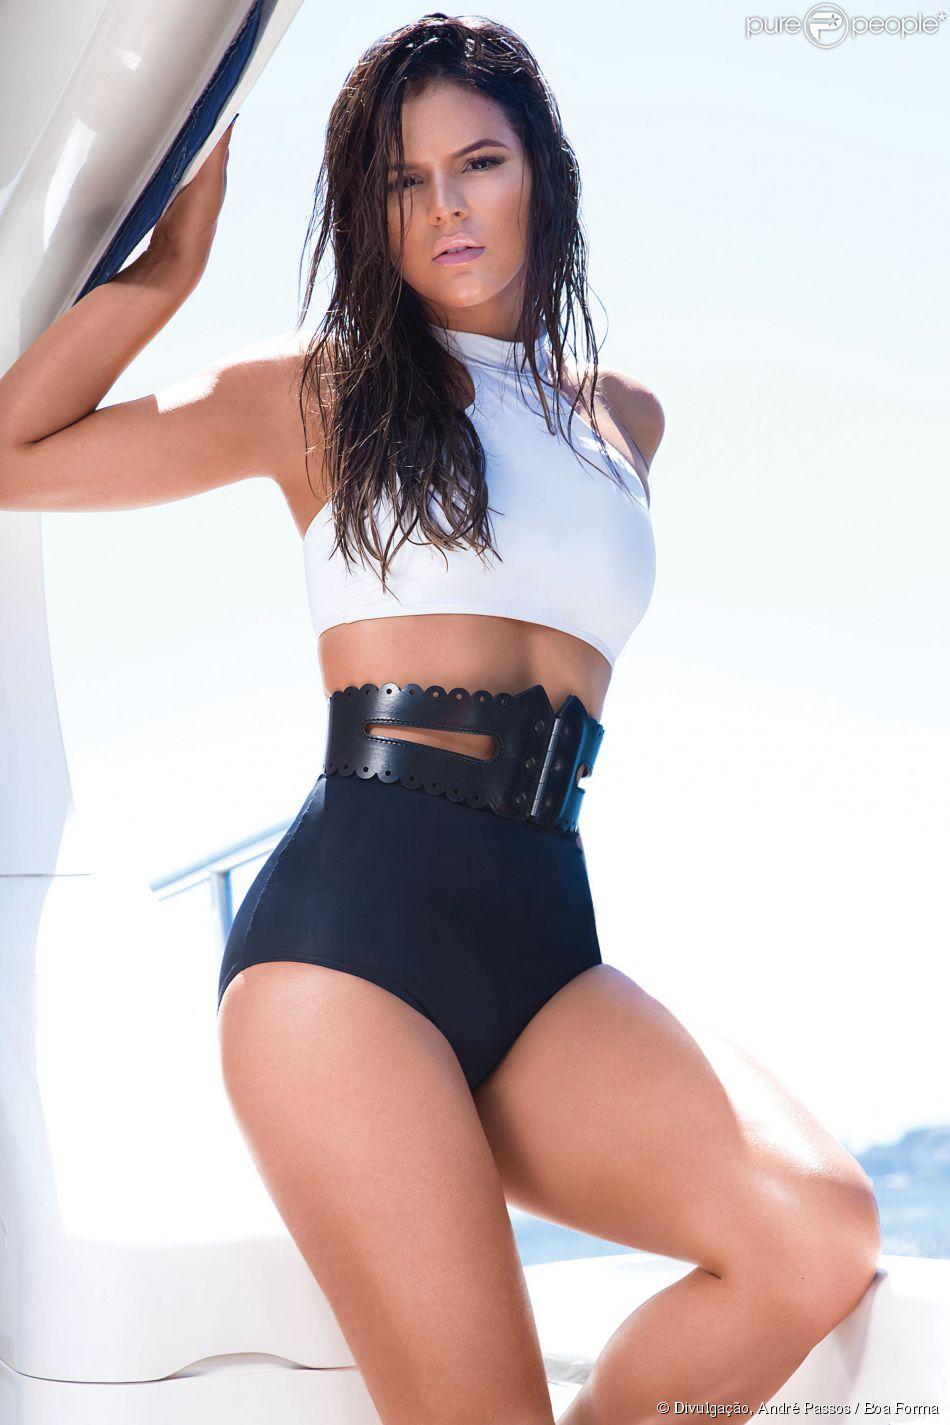 Bruna Marquezine posa para a revista 'Boa Forma' e declara sobre seu corpo: 'Resolvi entrar na linha e fiquei mais light' (8 de maio de 2014)